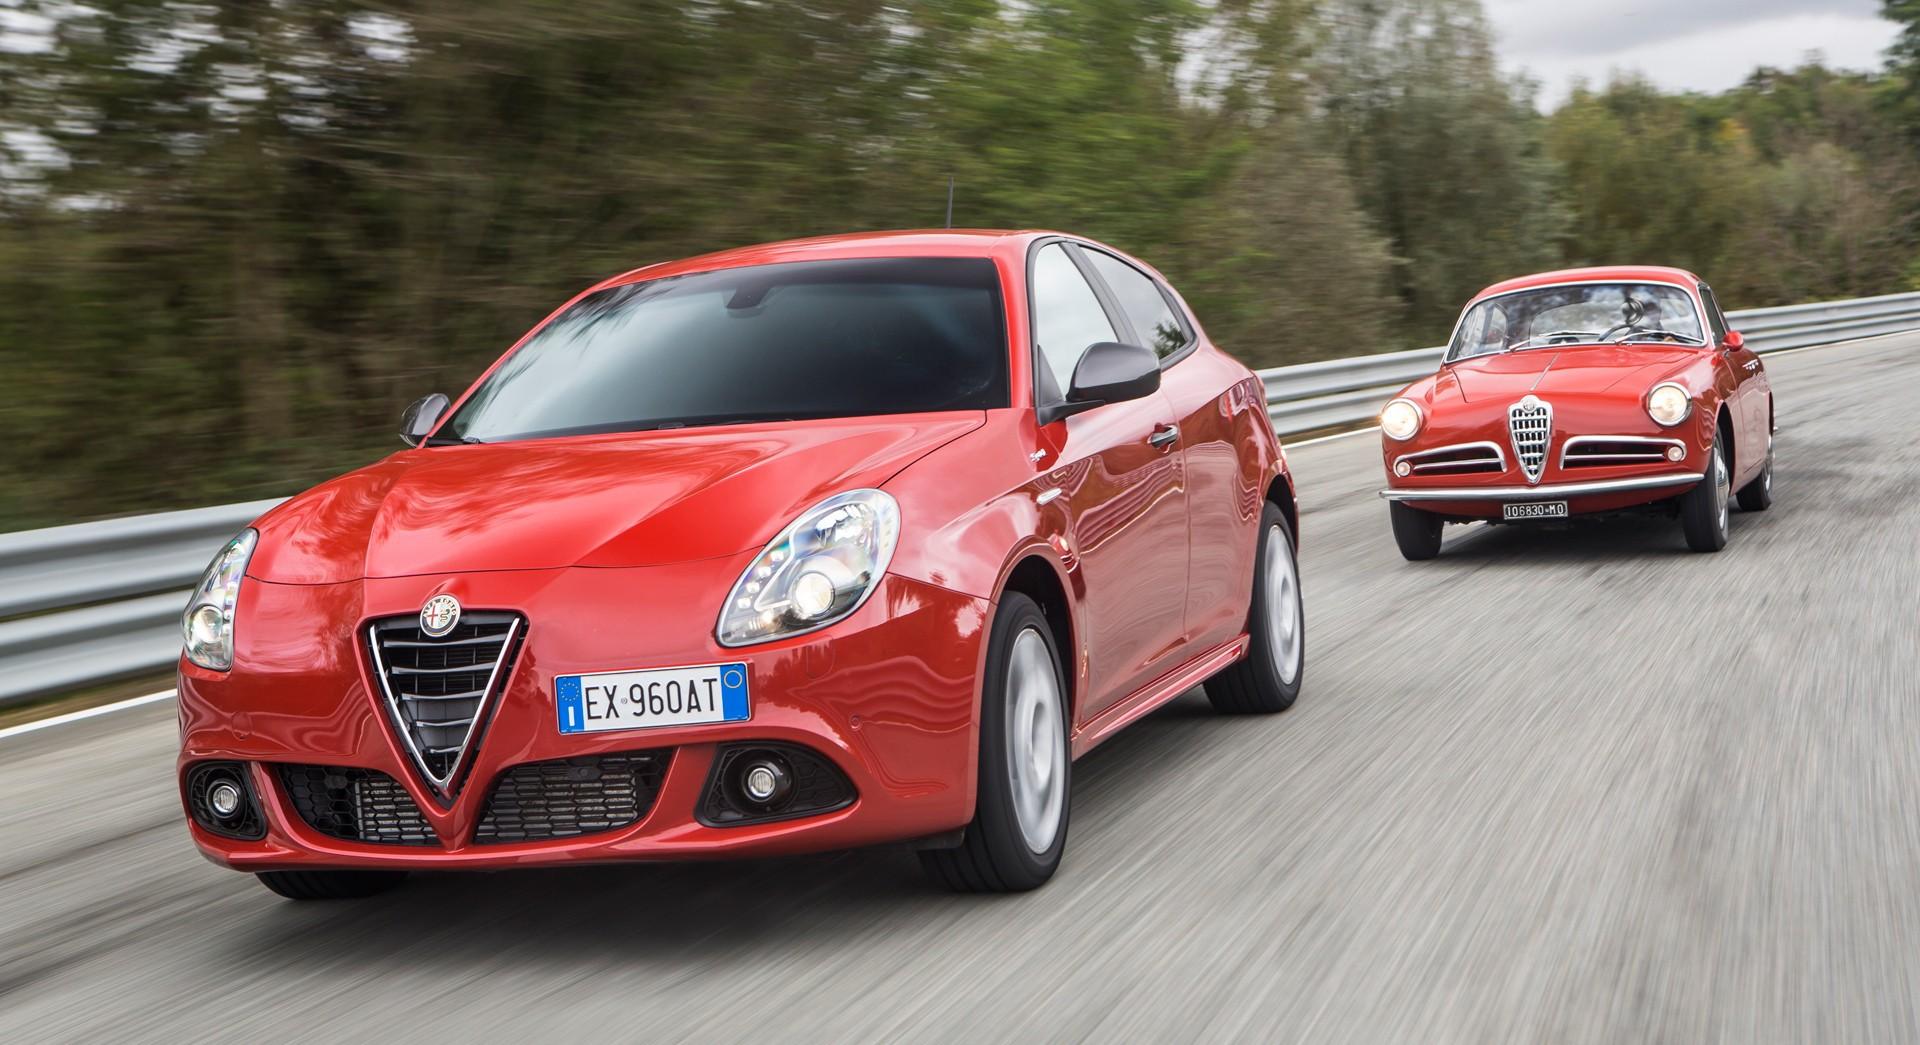 Alfa Romeo Giulietta Automatic  Hd Desktop Wallpapers  4k Hd